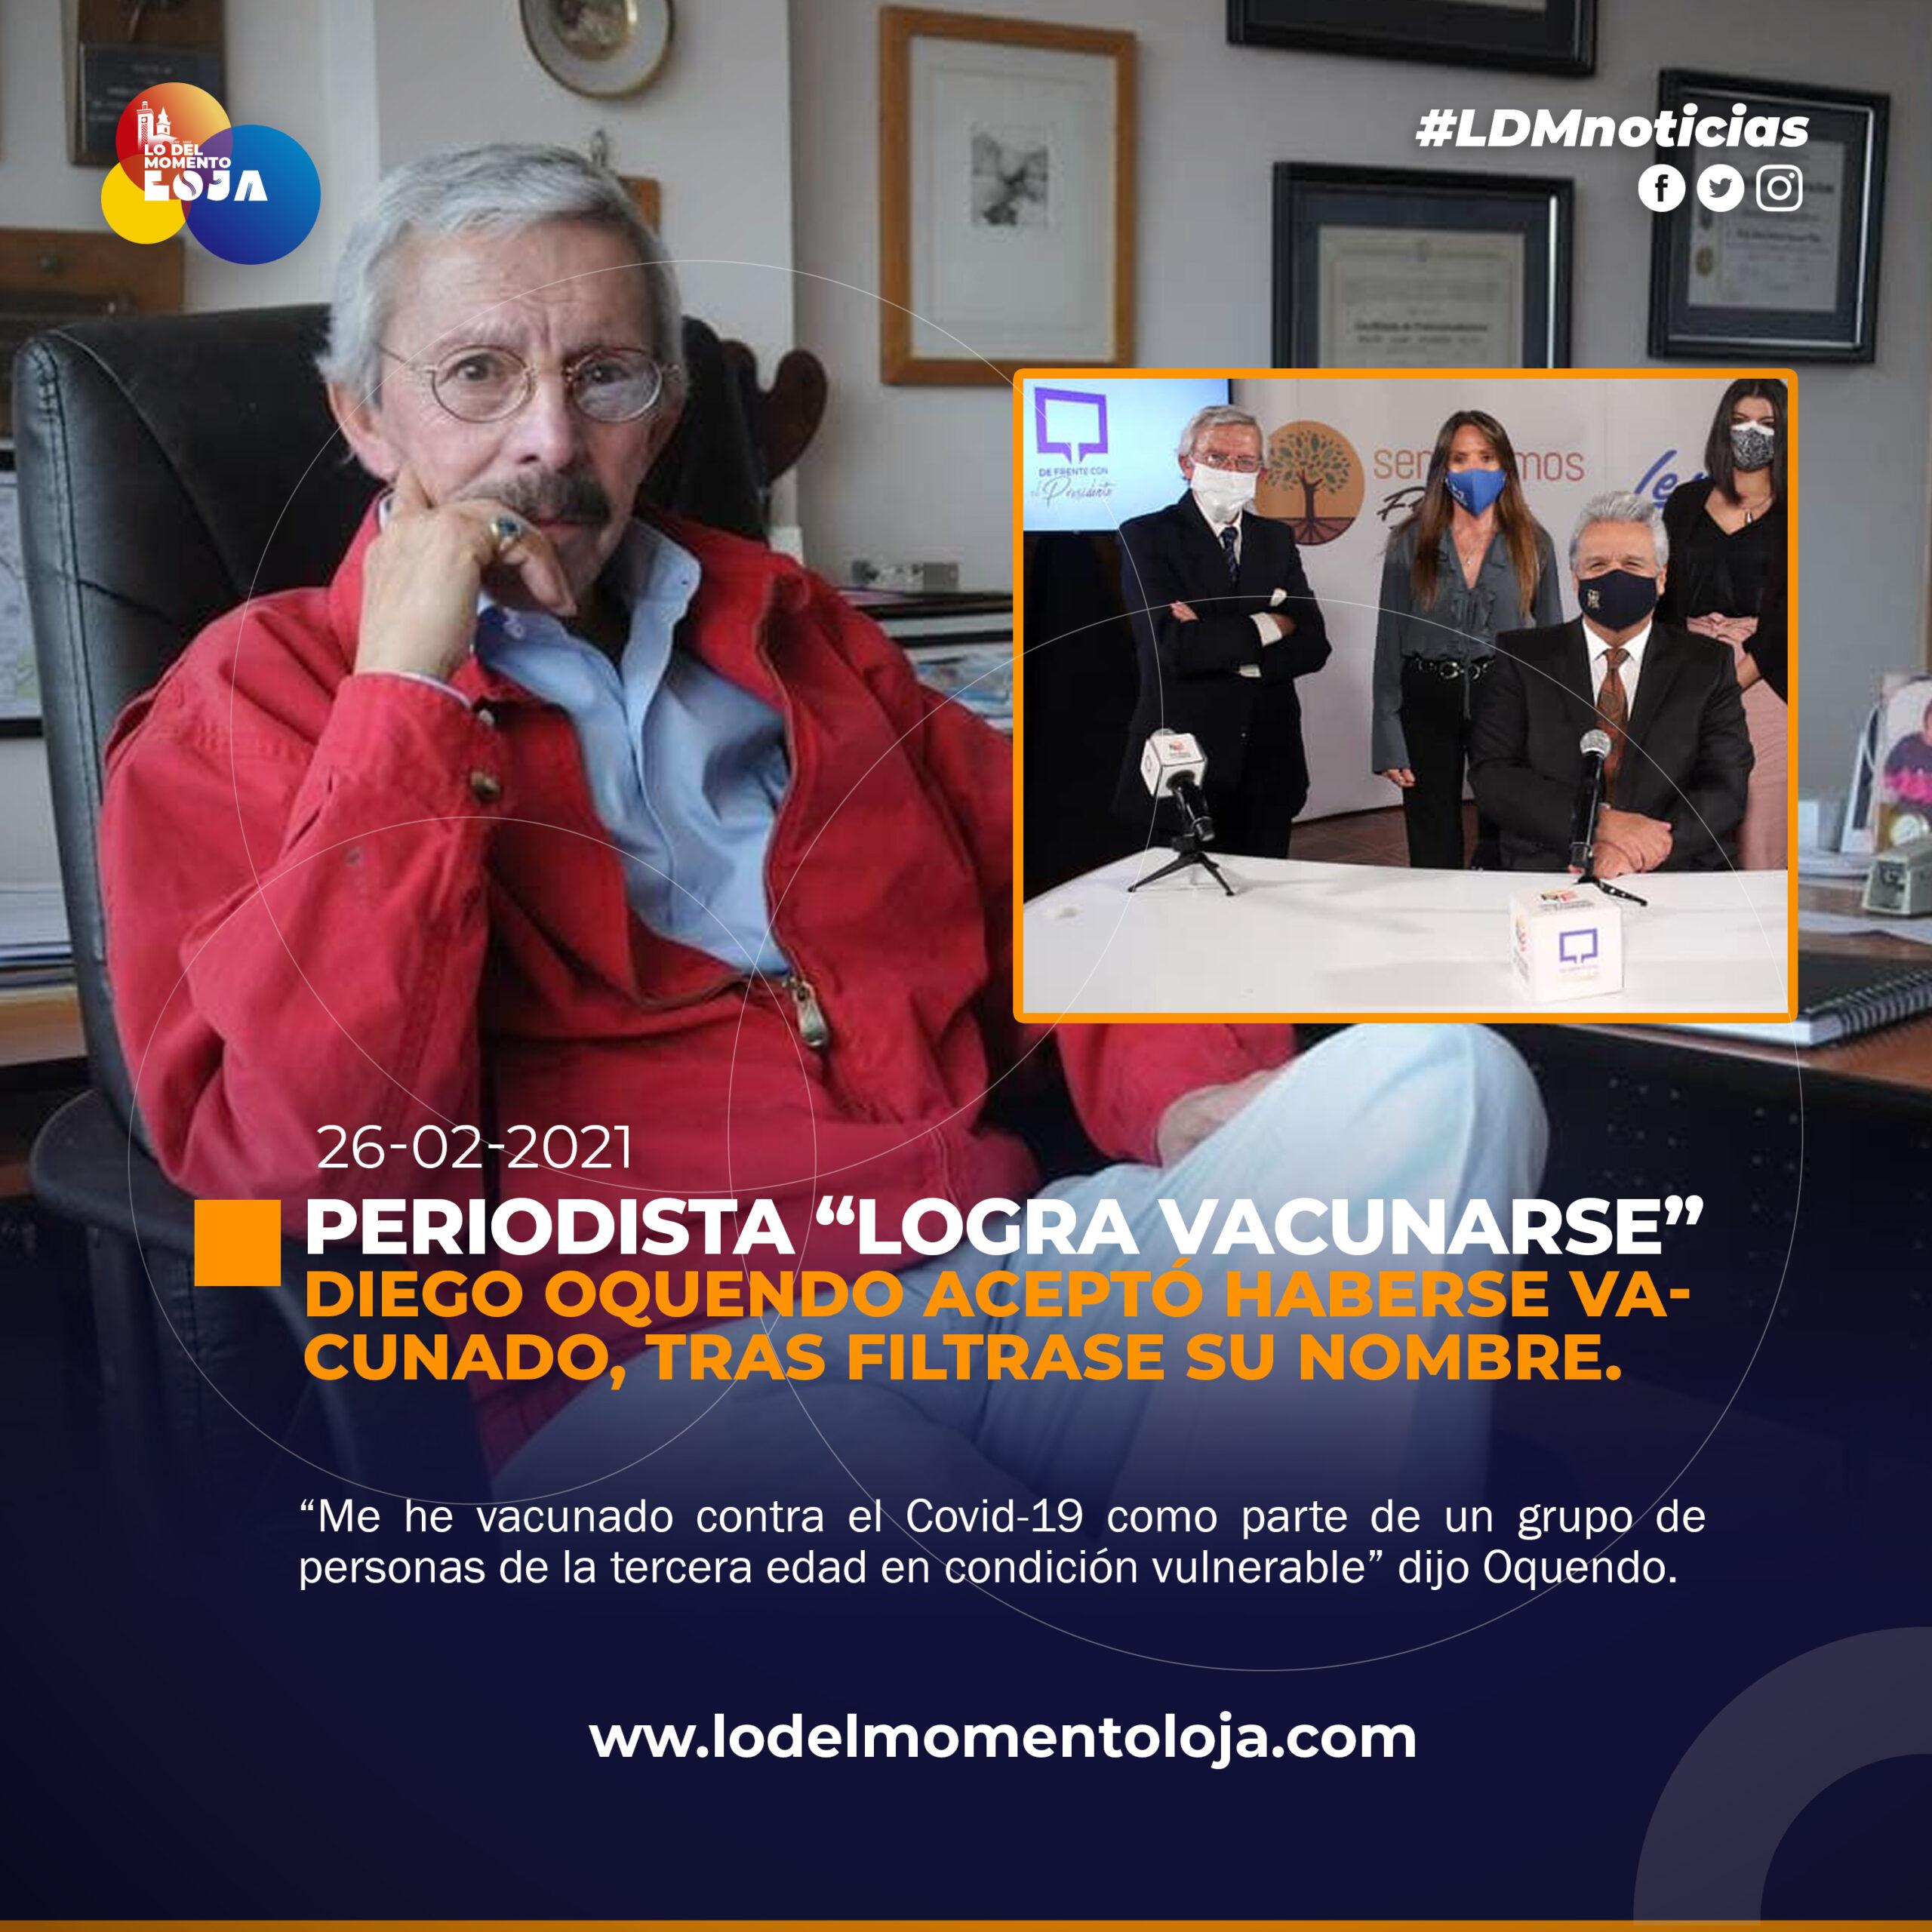 PERIODISTA LOGRA VACUNARE CONTRA EL COVID-19